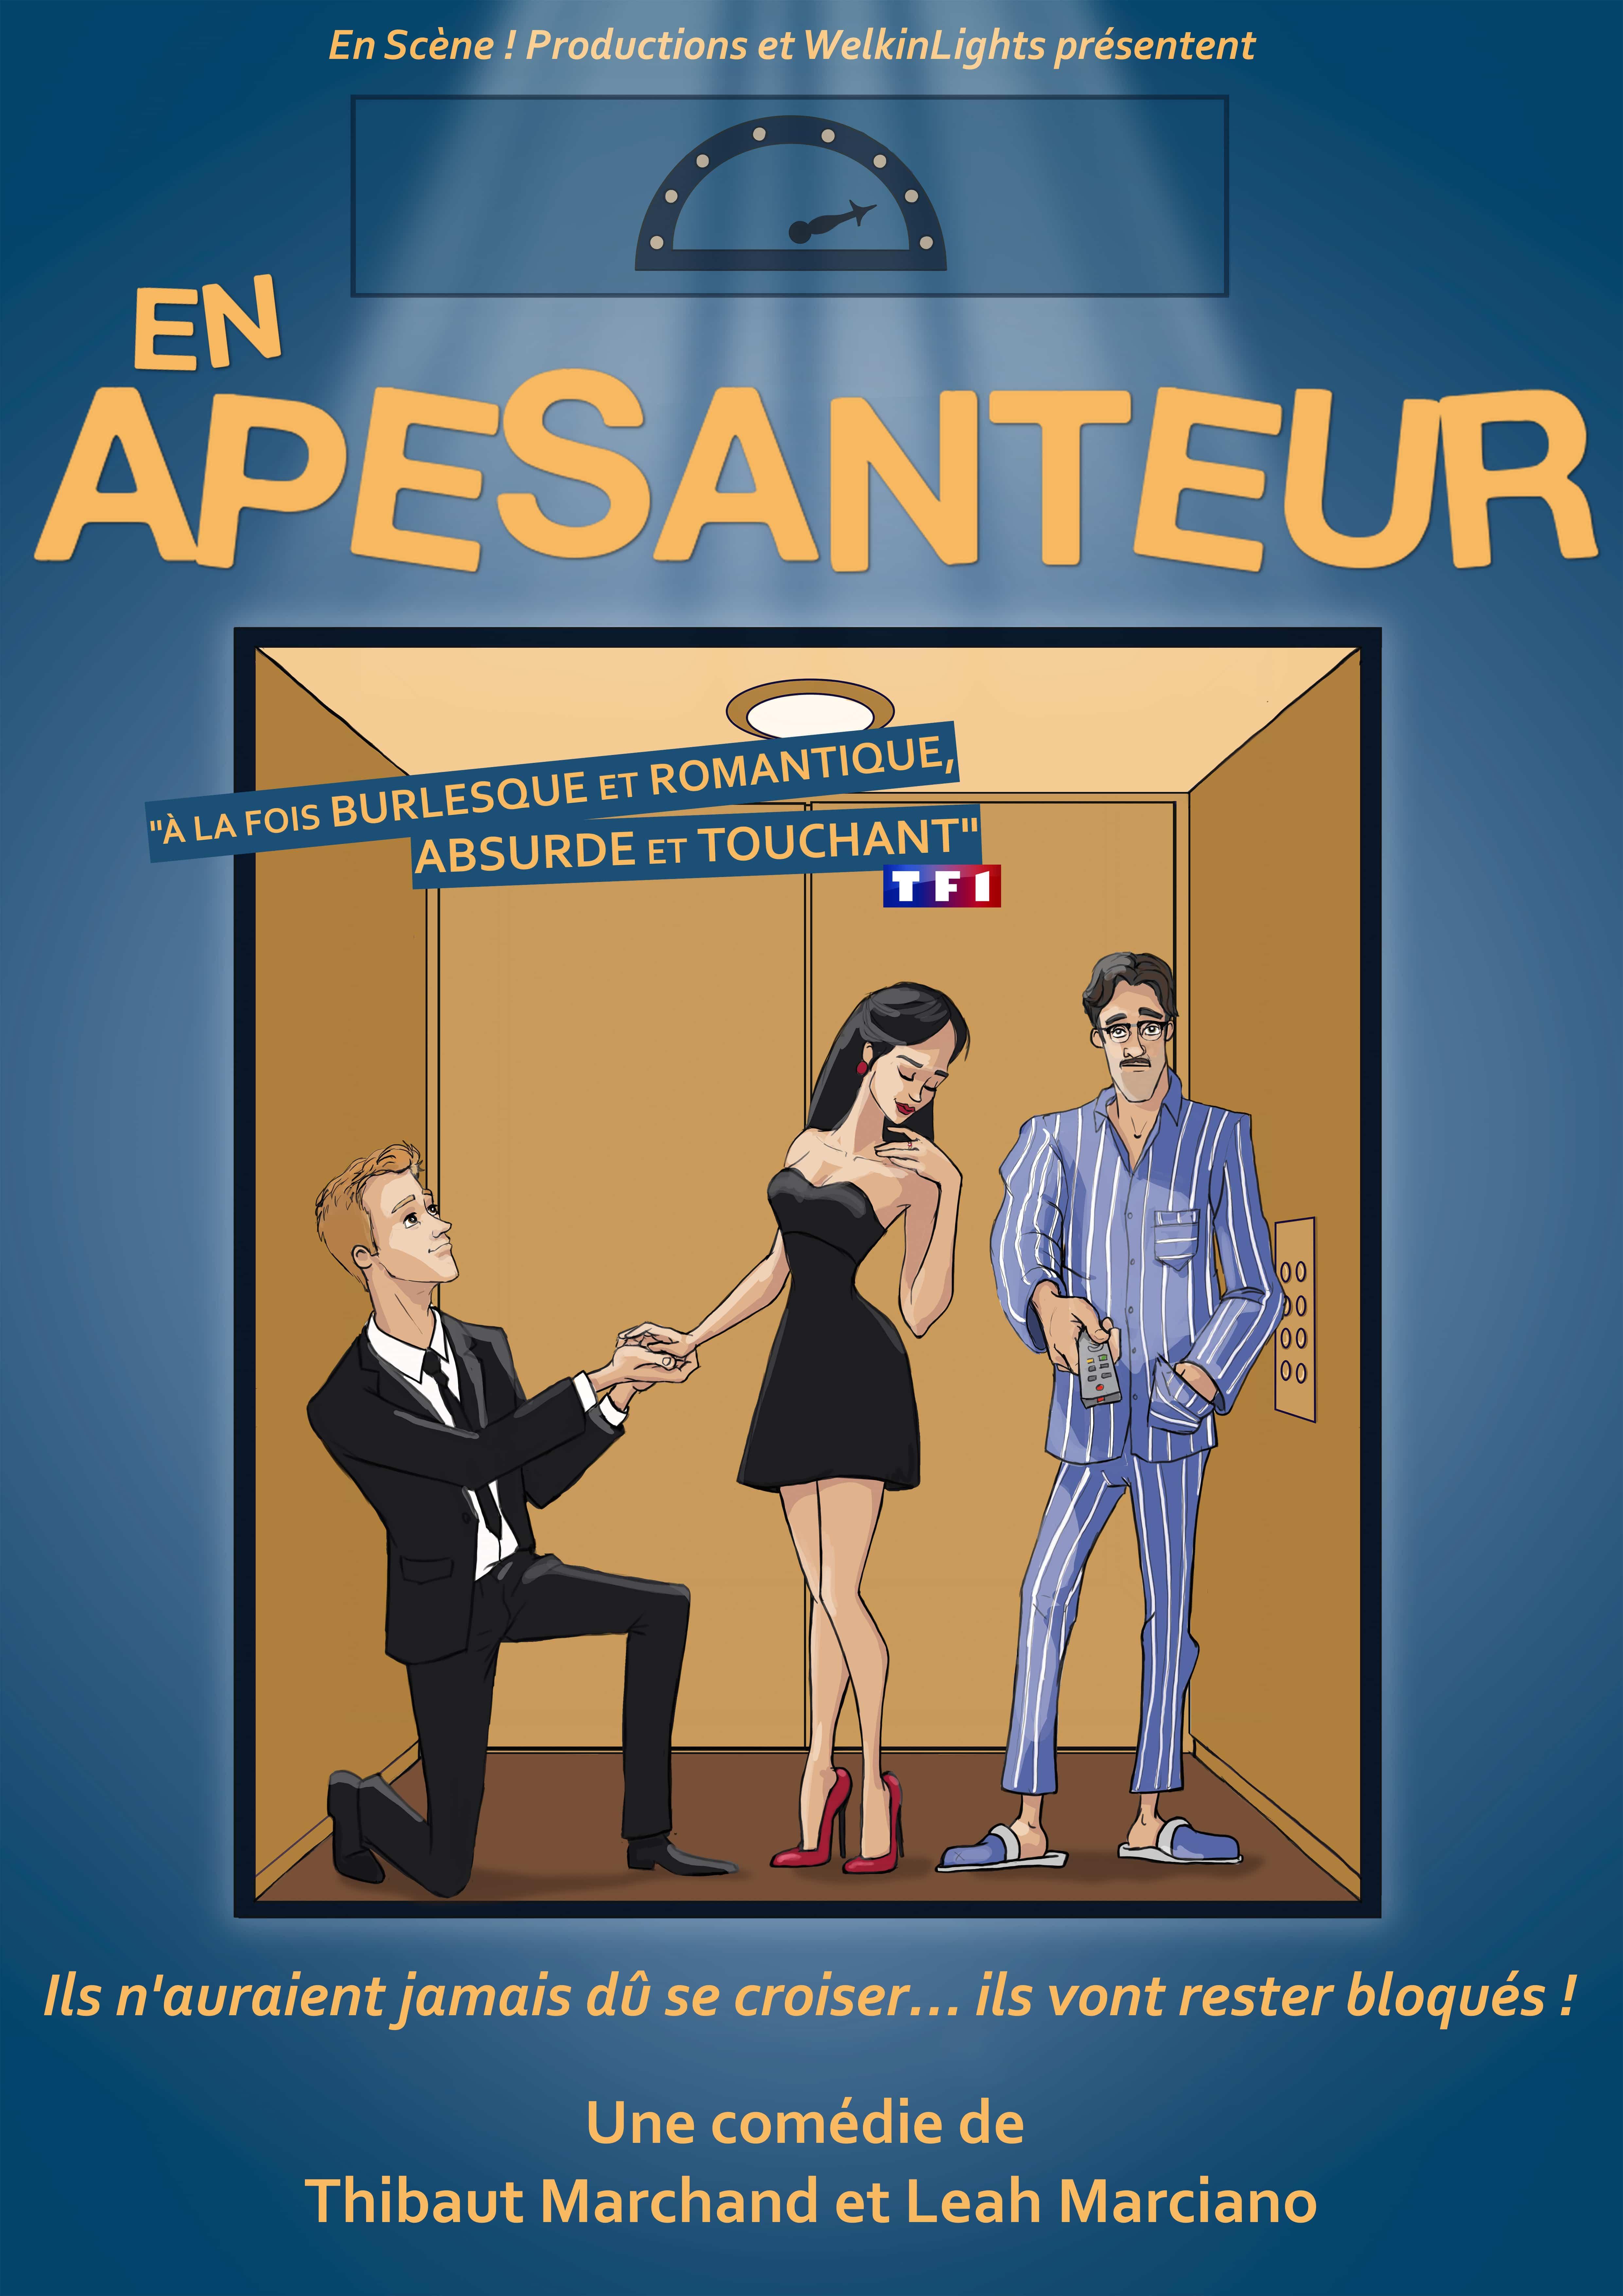 En apesanteur - Comedie - Theatre - Marseille - Art Du - 13006 - Humour